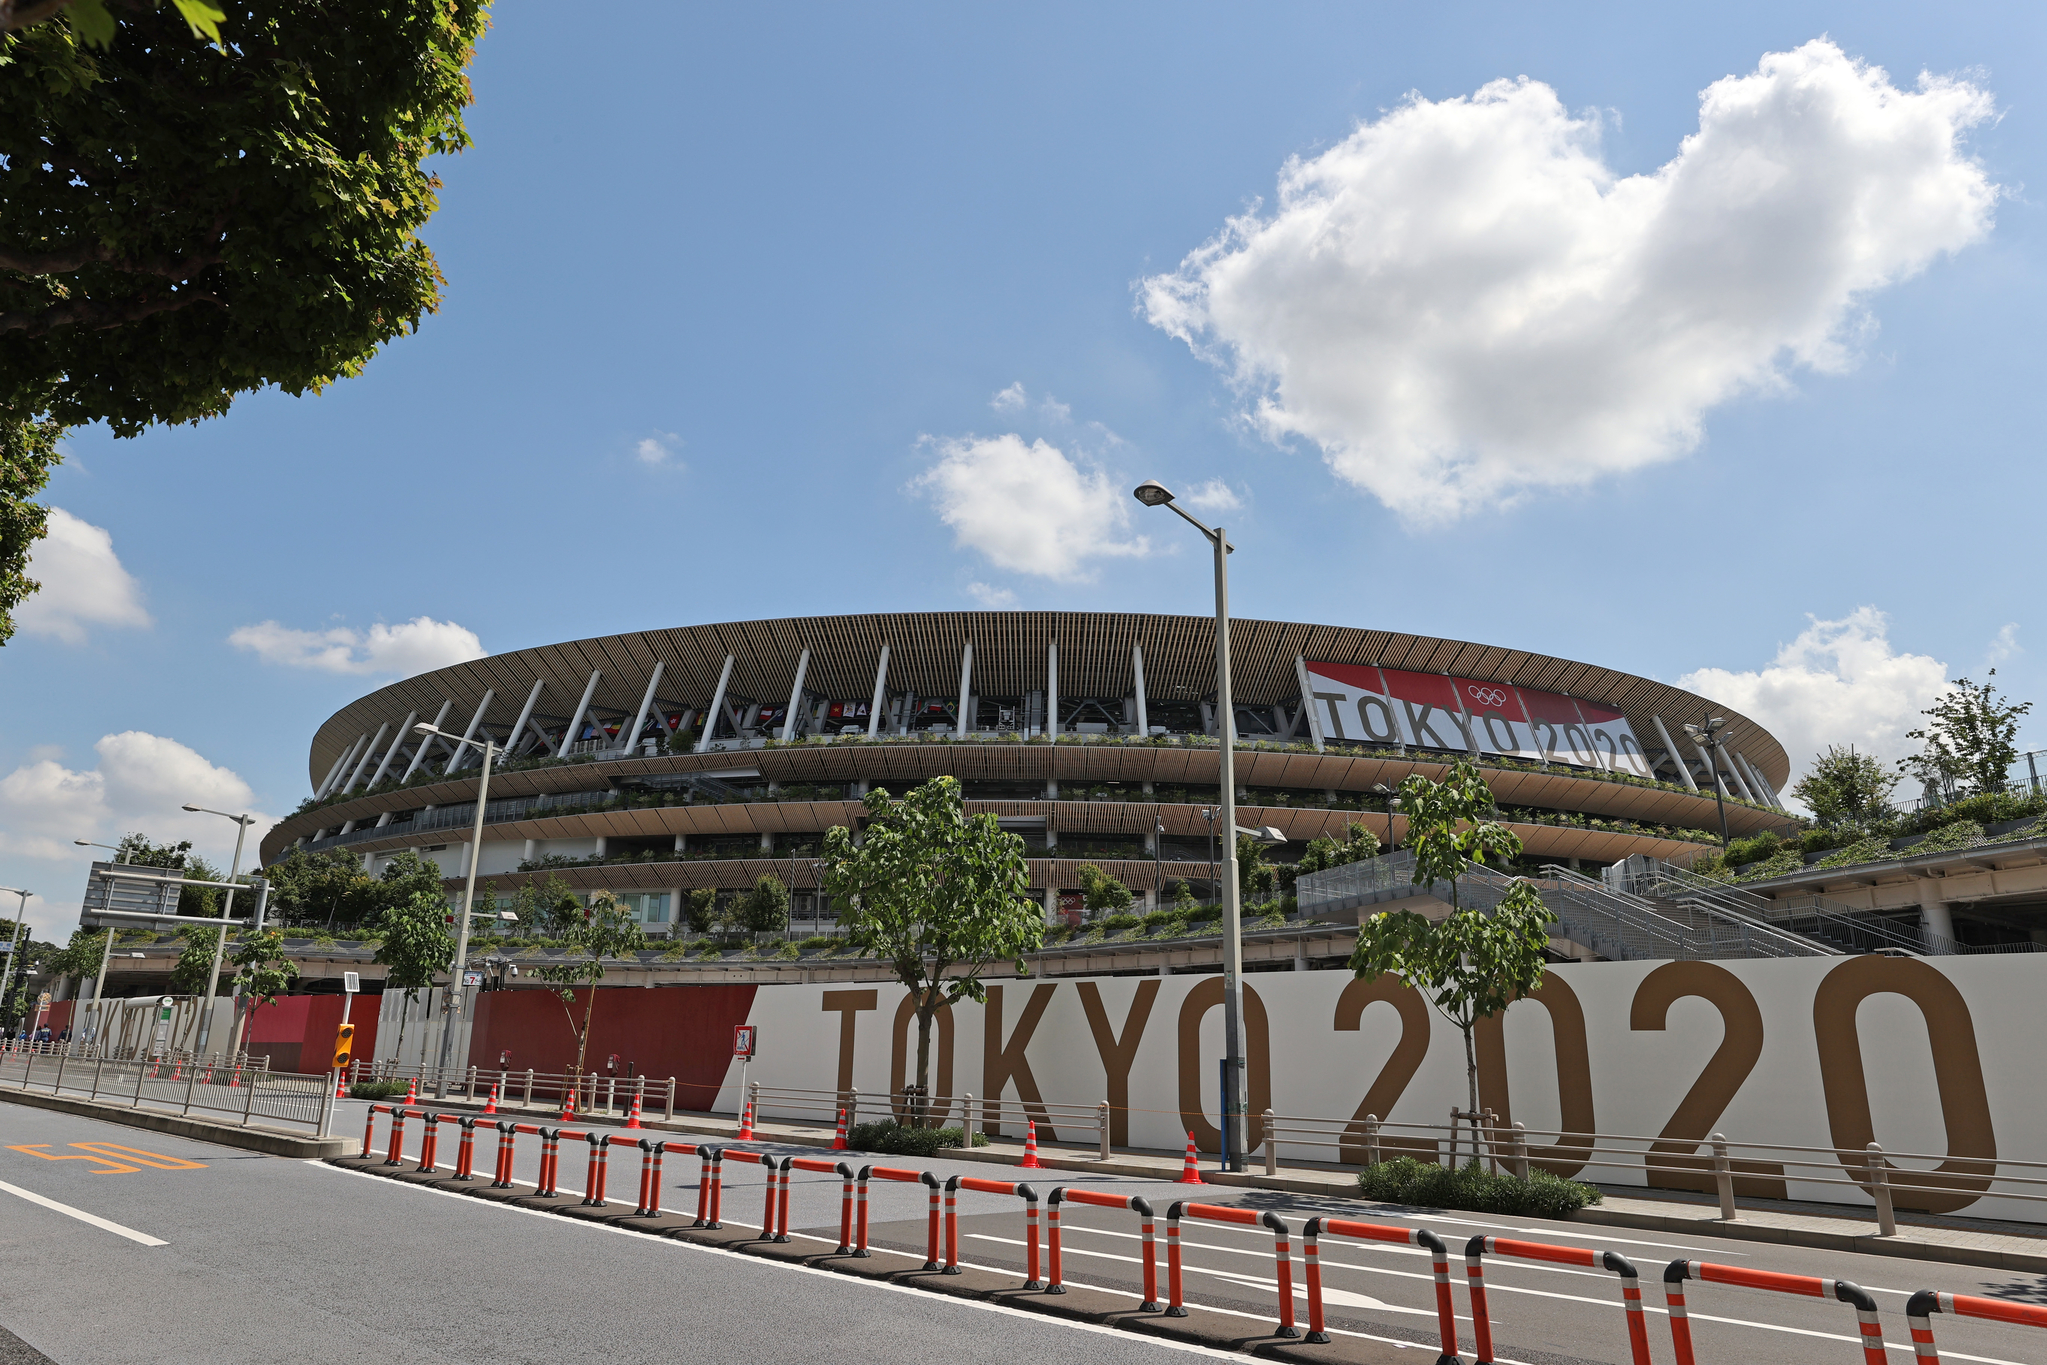 2020 도쿄올림픽 개막식을 하루 앞둔 22일 오전 일본 도쿄 올림픽스타디움에 일반인의 출입이 통제되고 있다. 개막식은 무관중으로 진행되고 일본 정부와 도쿄올림픽 조직위원회가 초청한 관계자 약 950명 정도가 참석한다. 도쿄=올림픽사진공동취재단